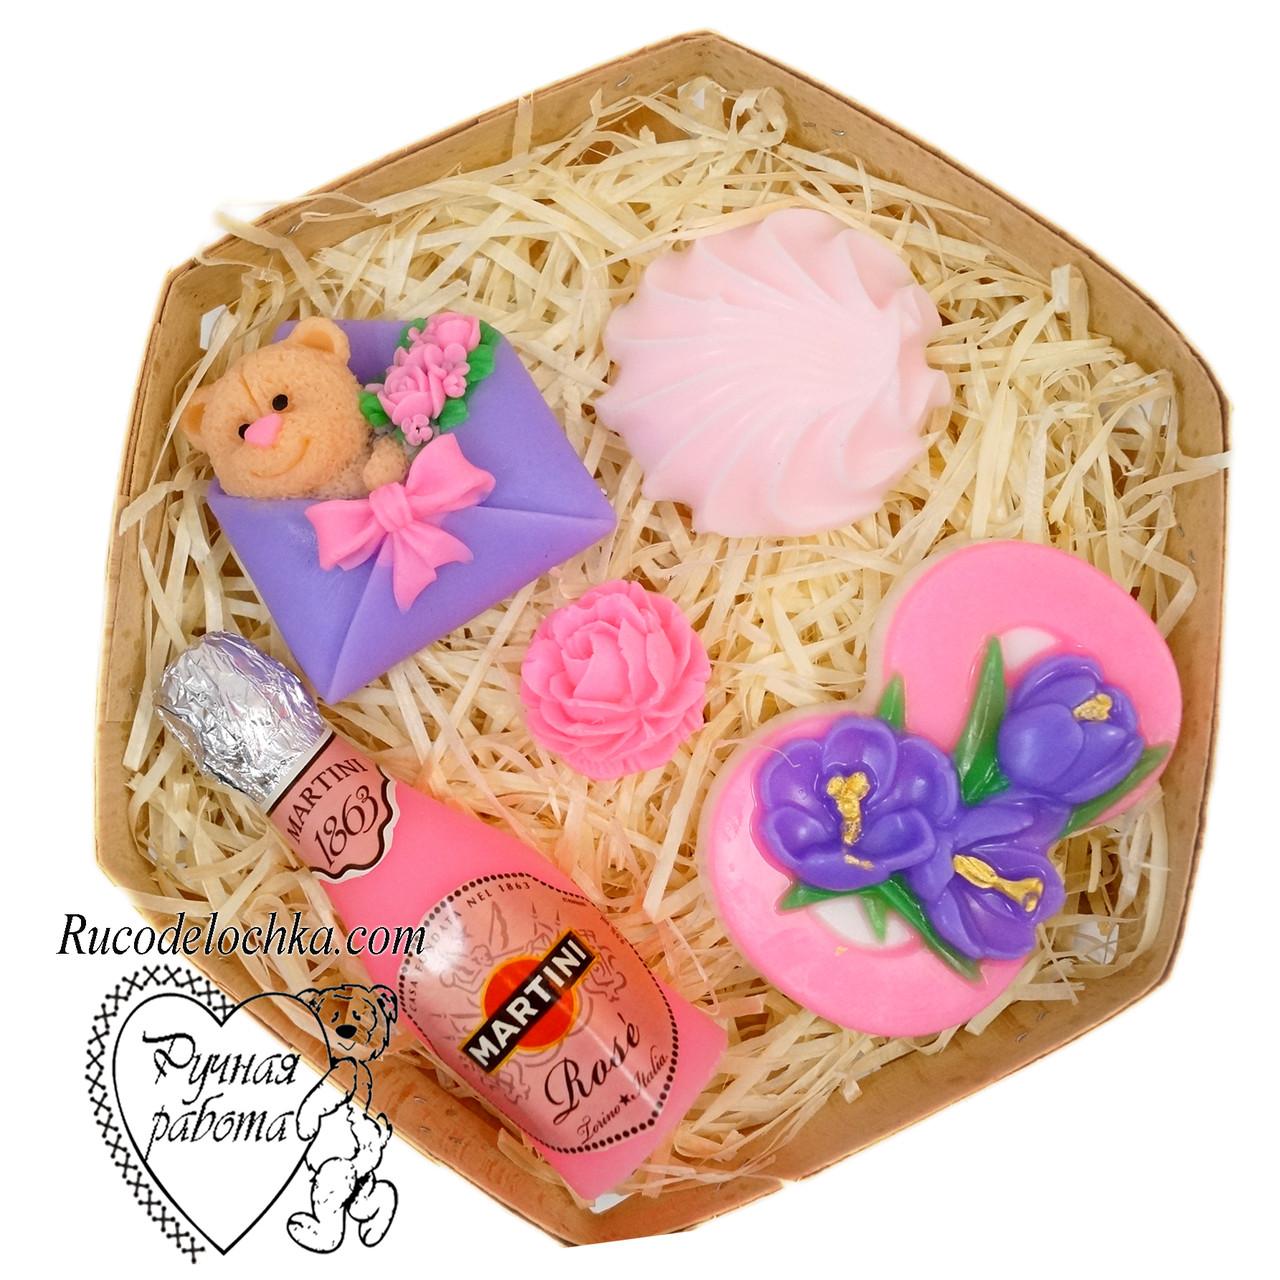 Мыло набор 8 марта, восьмерка, мартини, зефирка, роза мини, мишка, подарок маме, подруге, ручная работа